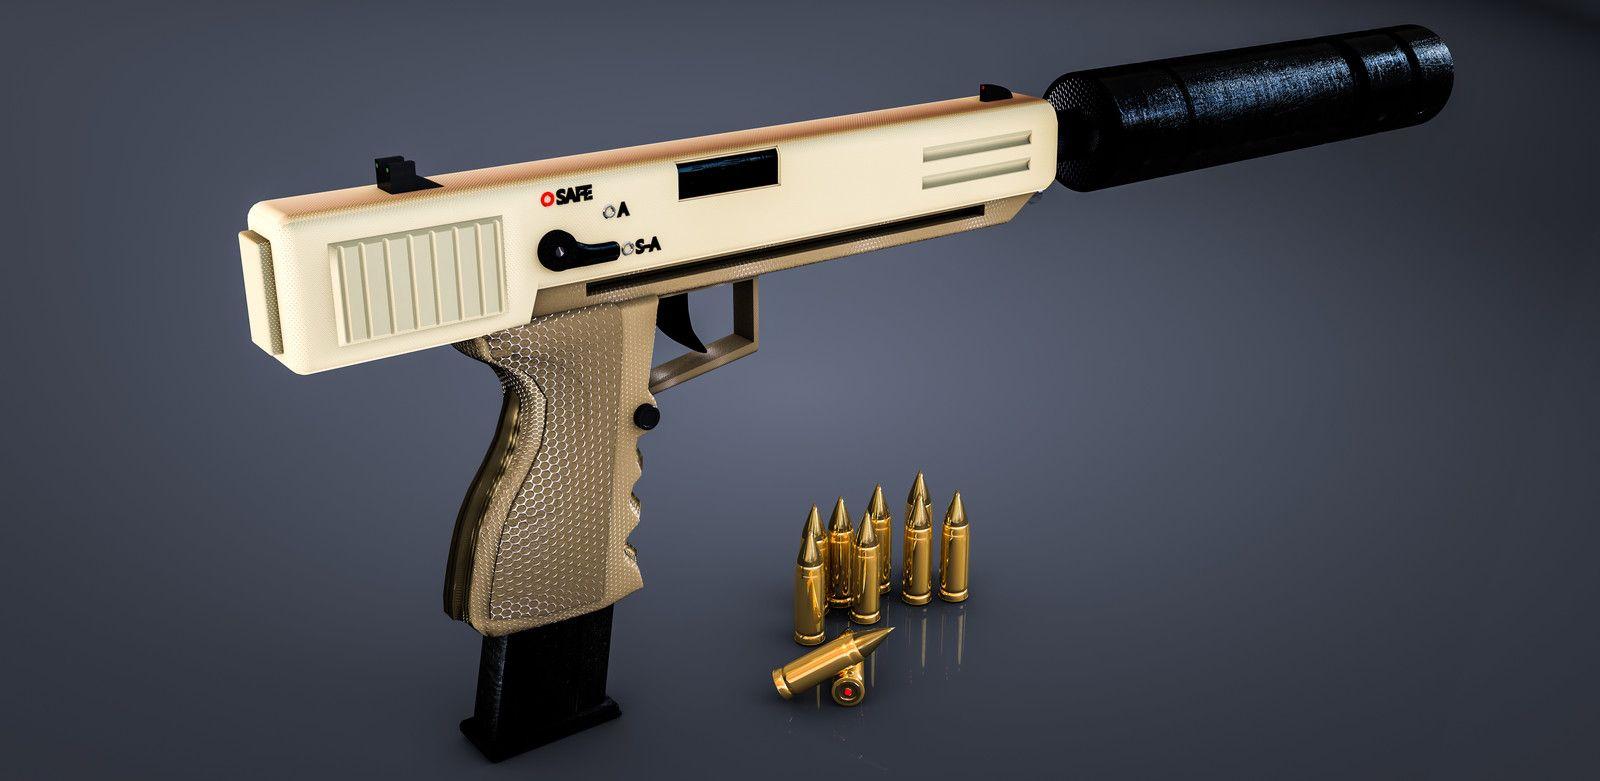 Custom pistol with silencer, Noor Almadi on ArtStation at